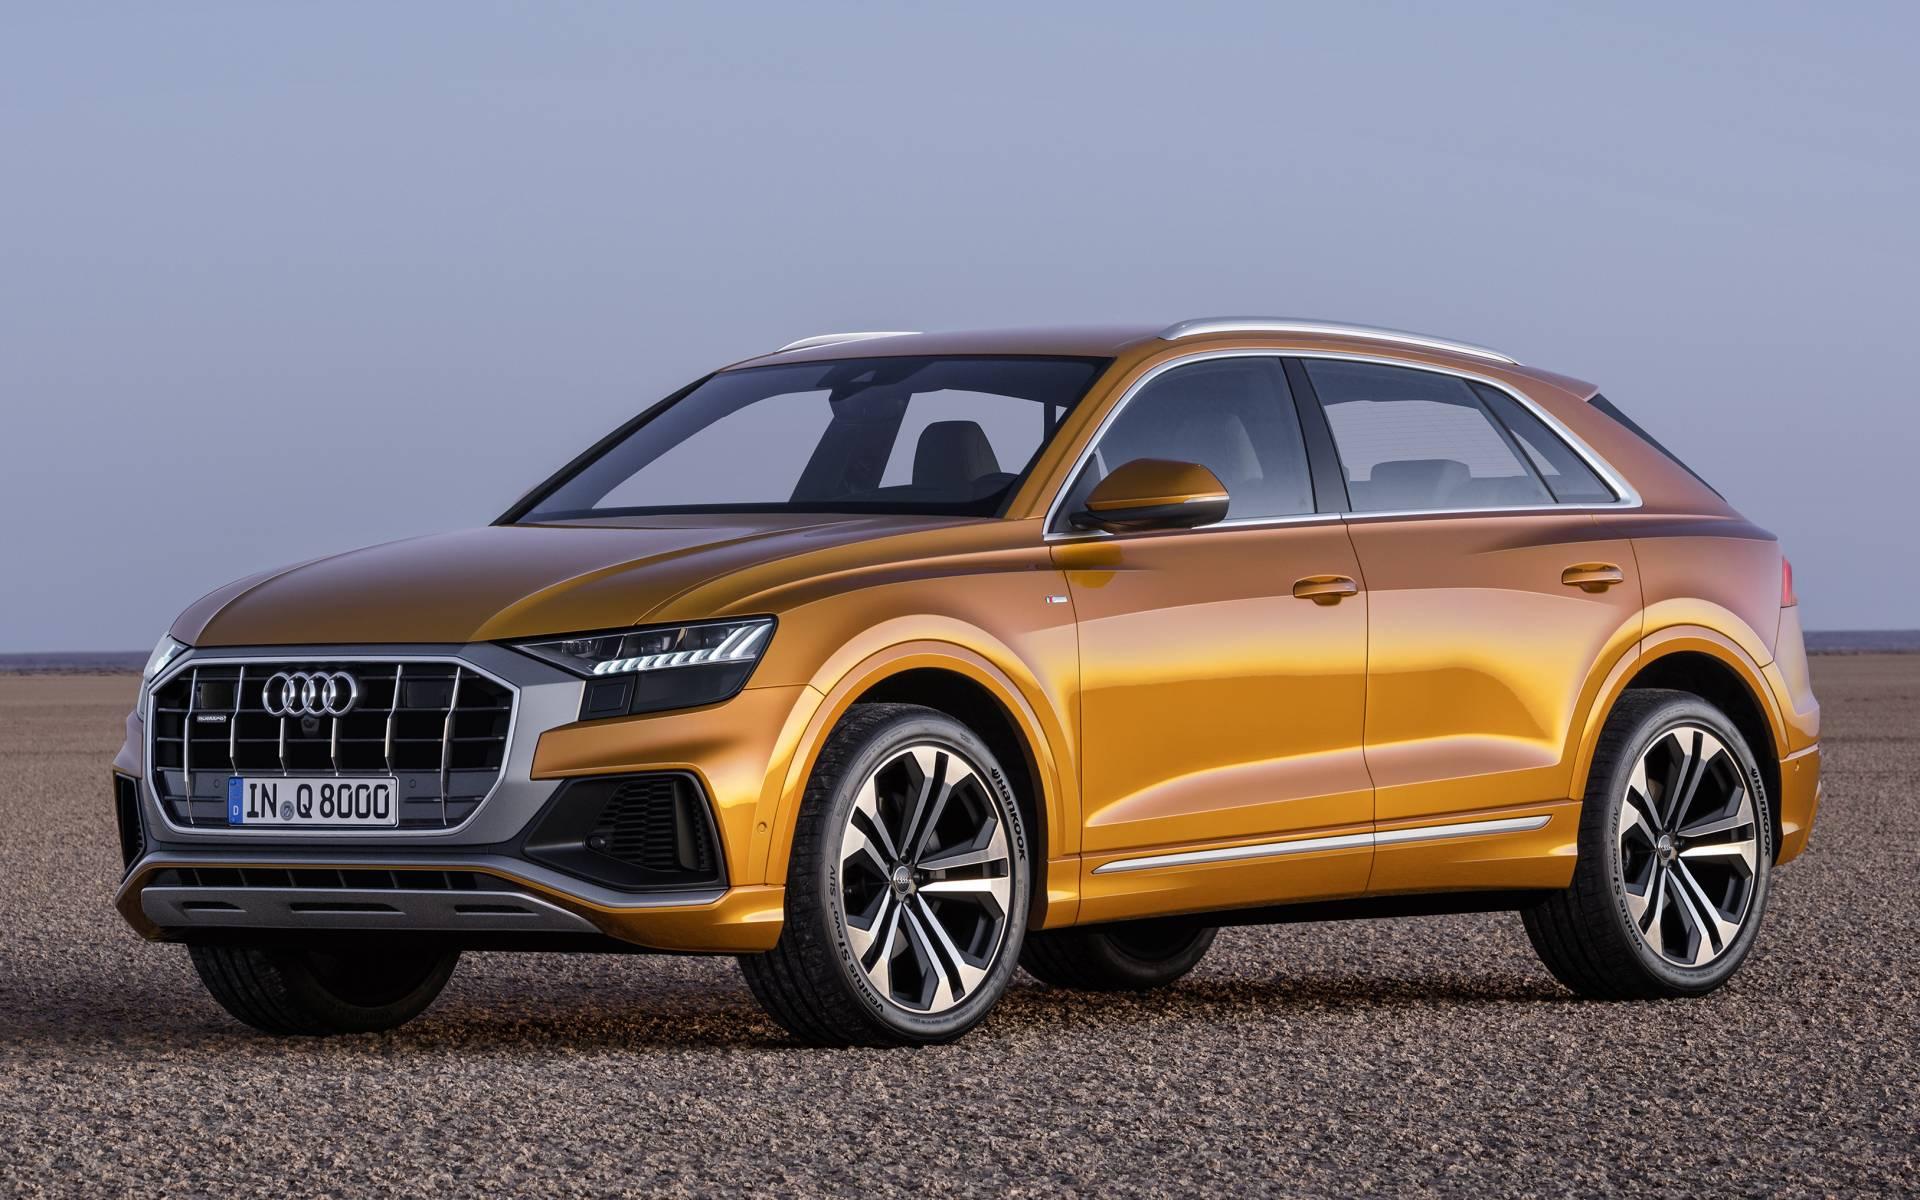 Kelebihan Kekurangan Audi Q8 Spesifikasi